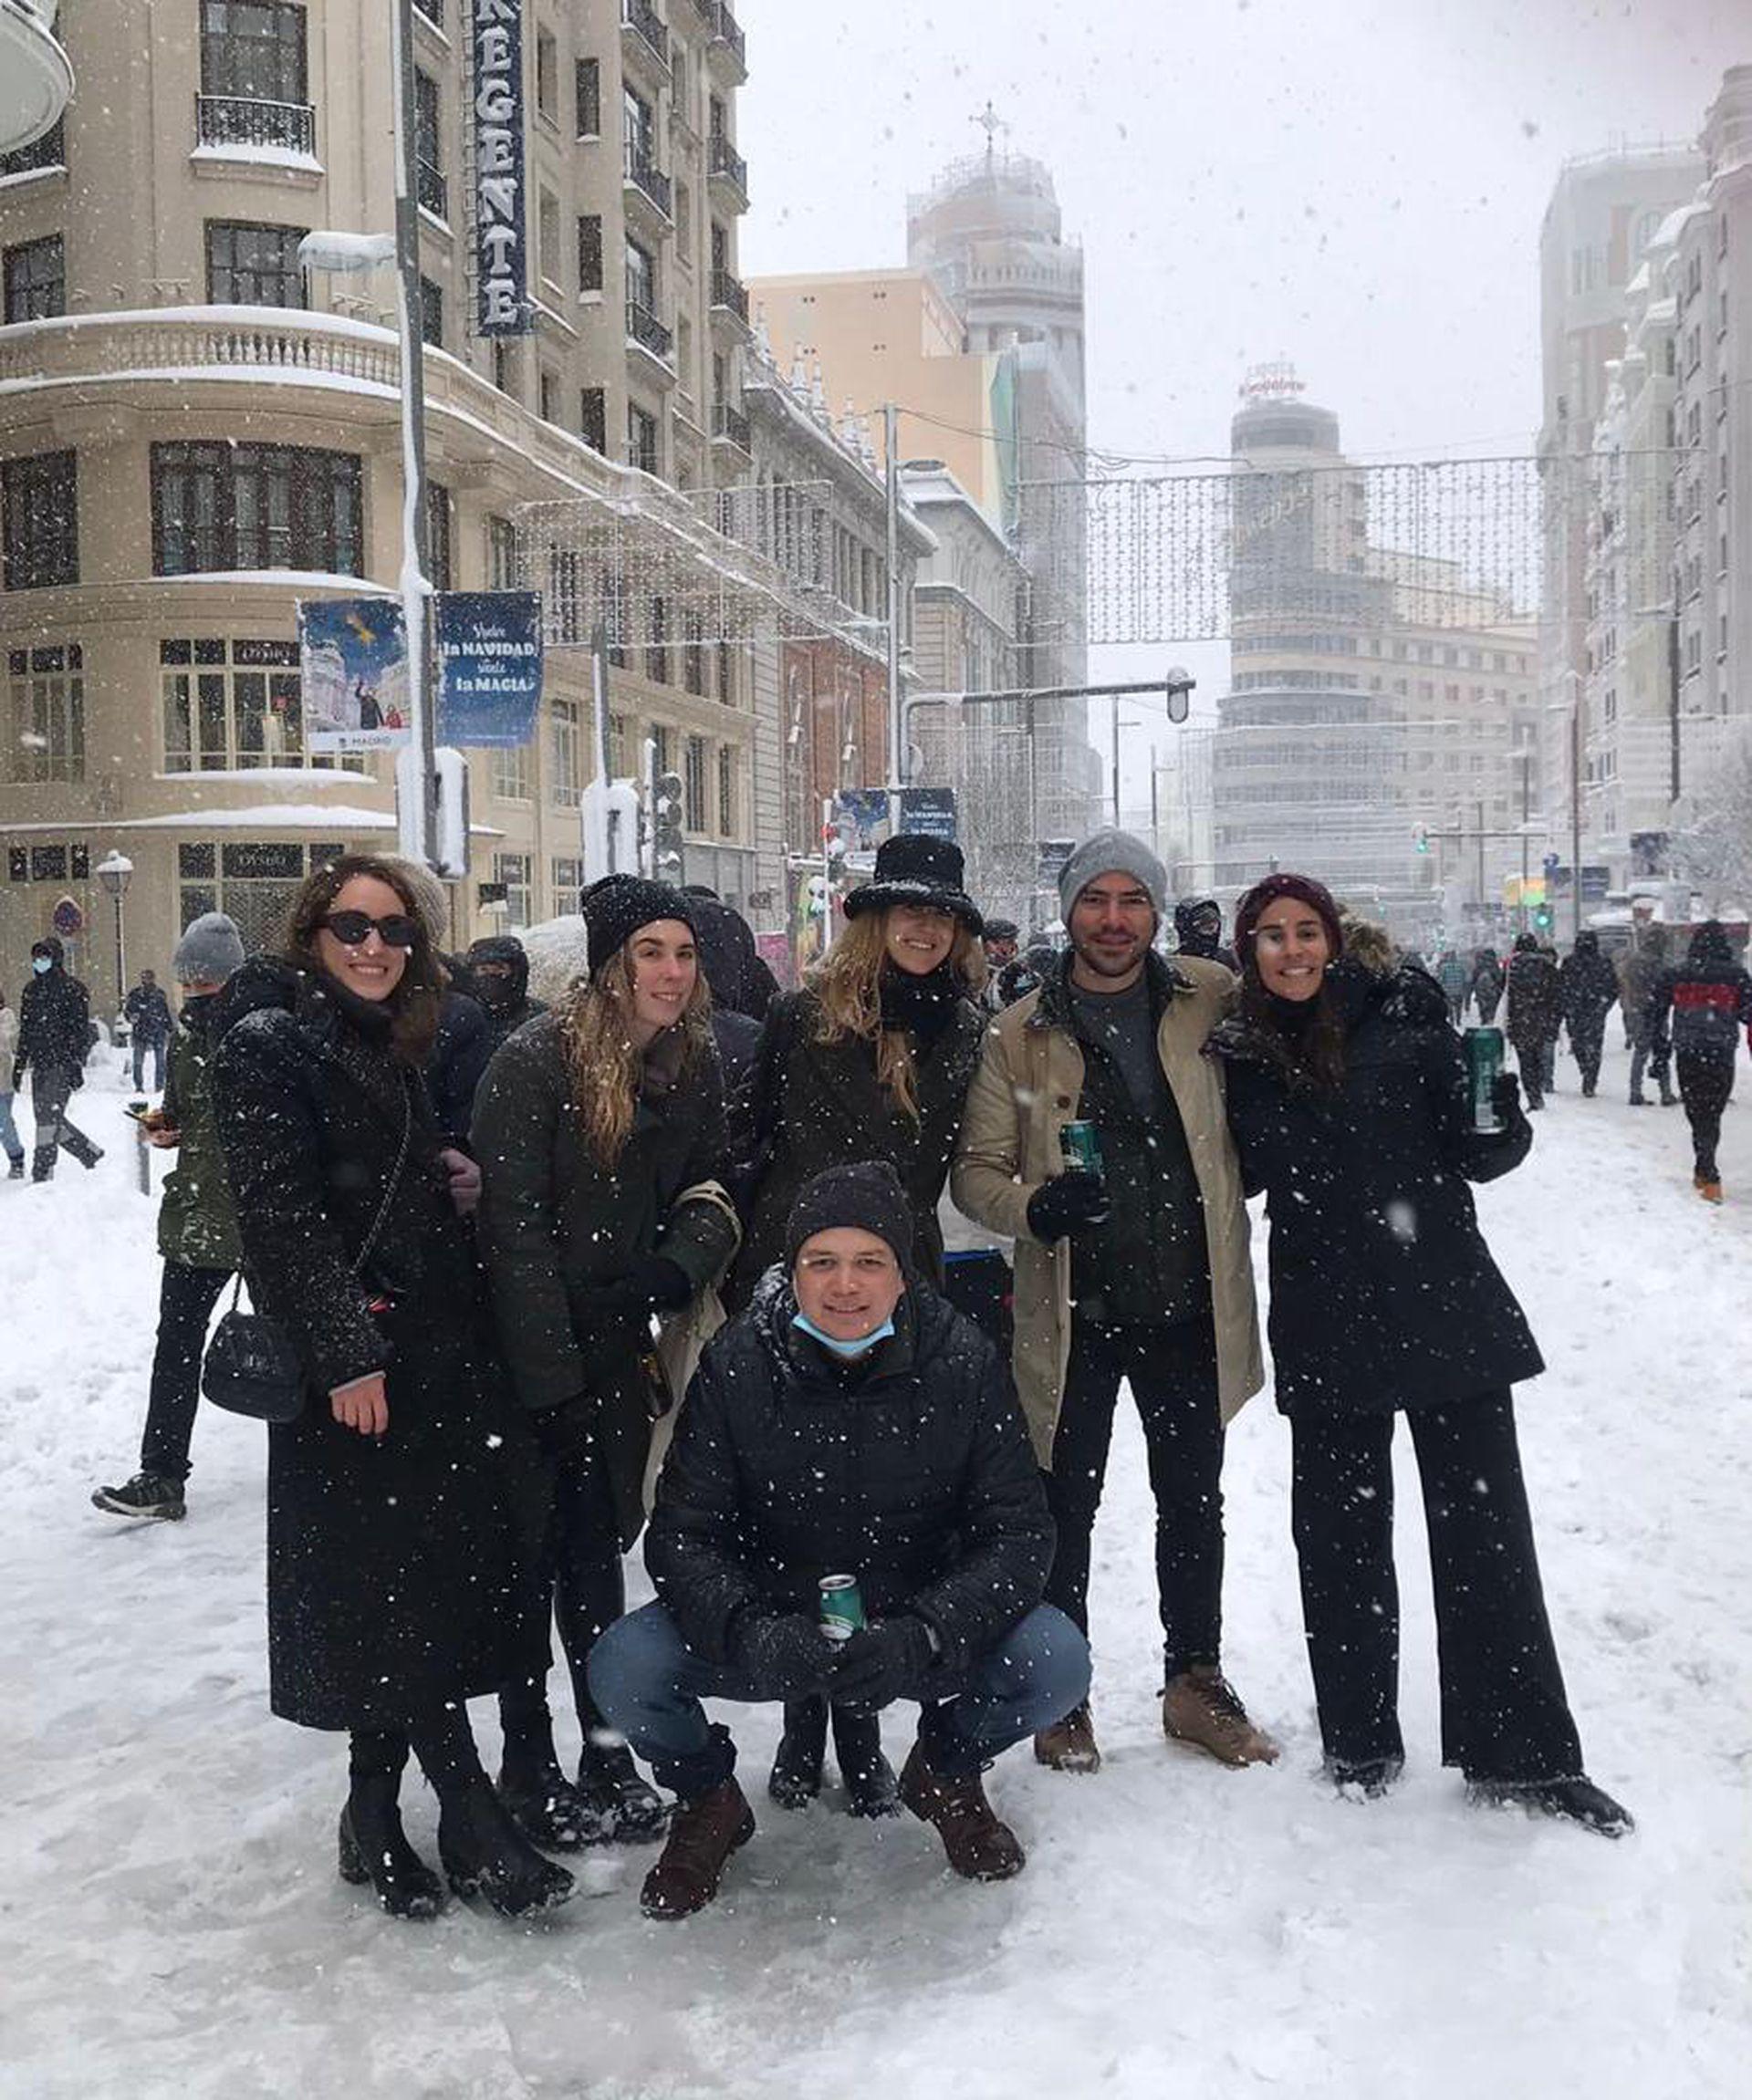 Chiara (primera desde la izquierda) y sus amigos argentinos disfrutaron de la nevada de enero en Madrid